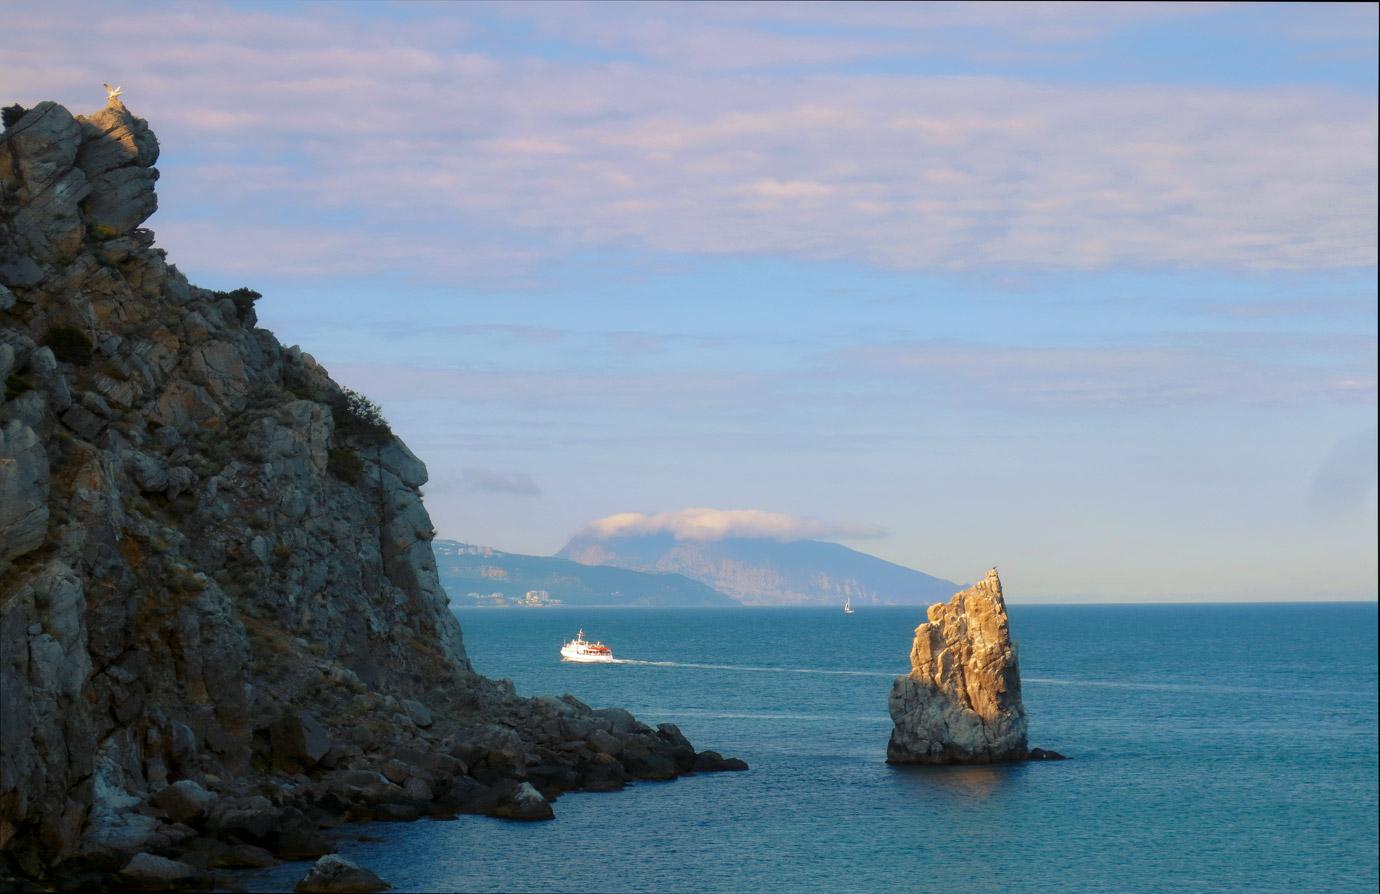 Скала Парус, Медведь гора, Аю-Даг, Ялта, Крым